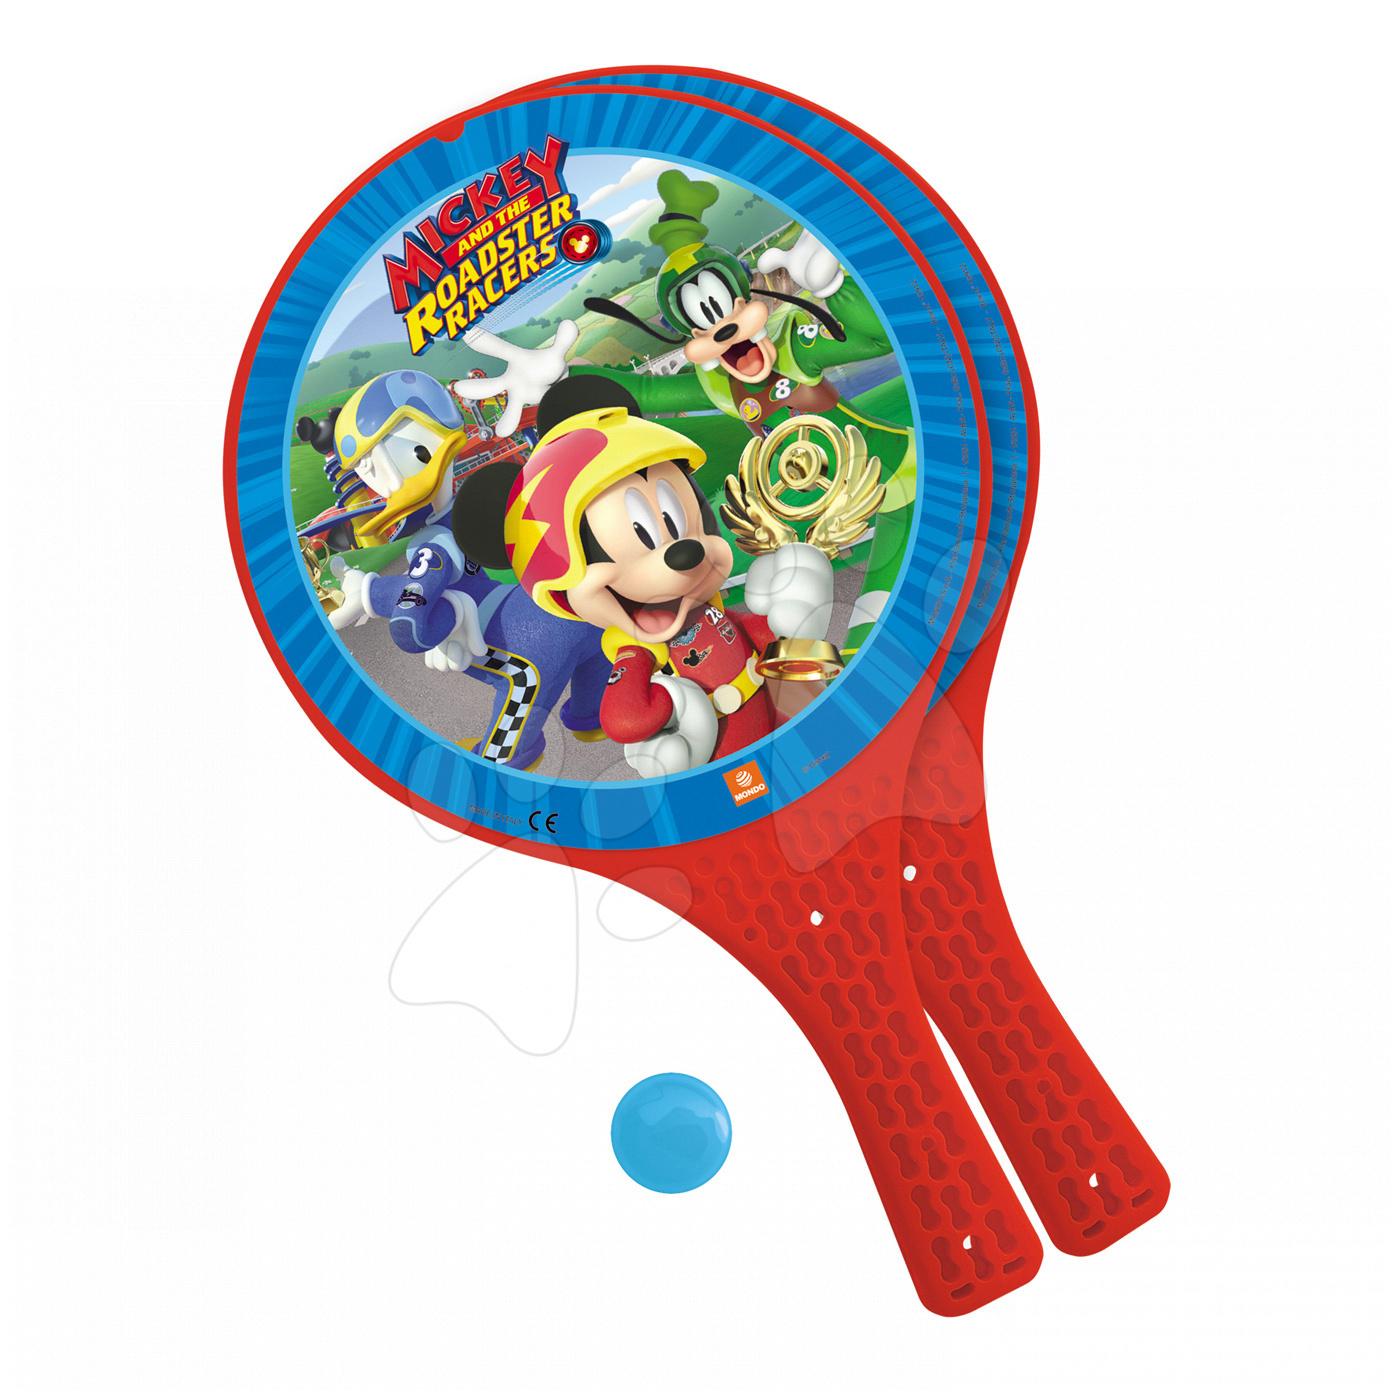 Plážový tenis set Mickey Mouse Mondo s 2 raketami a míčkem